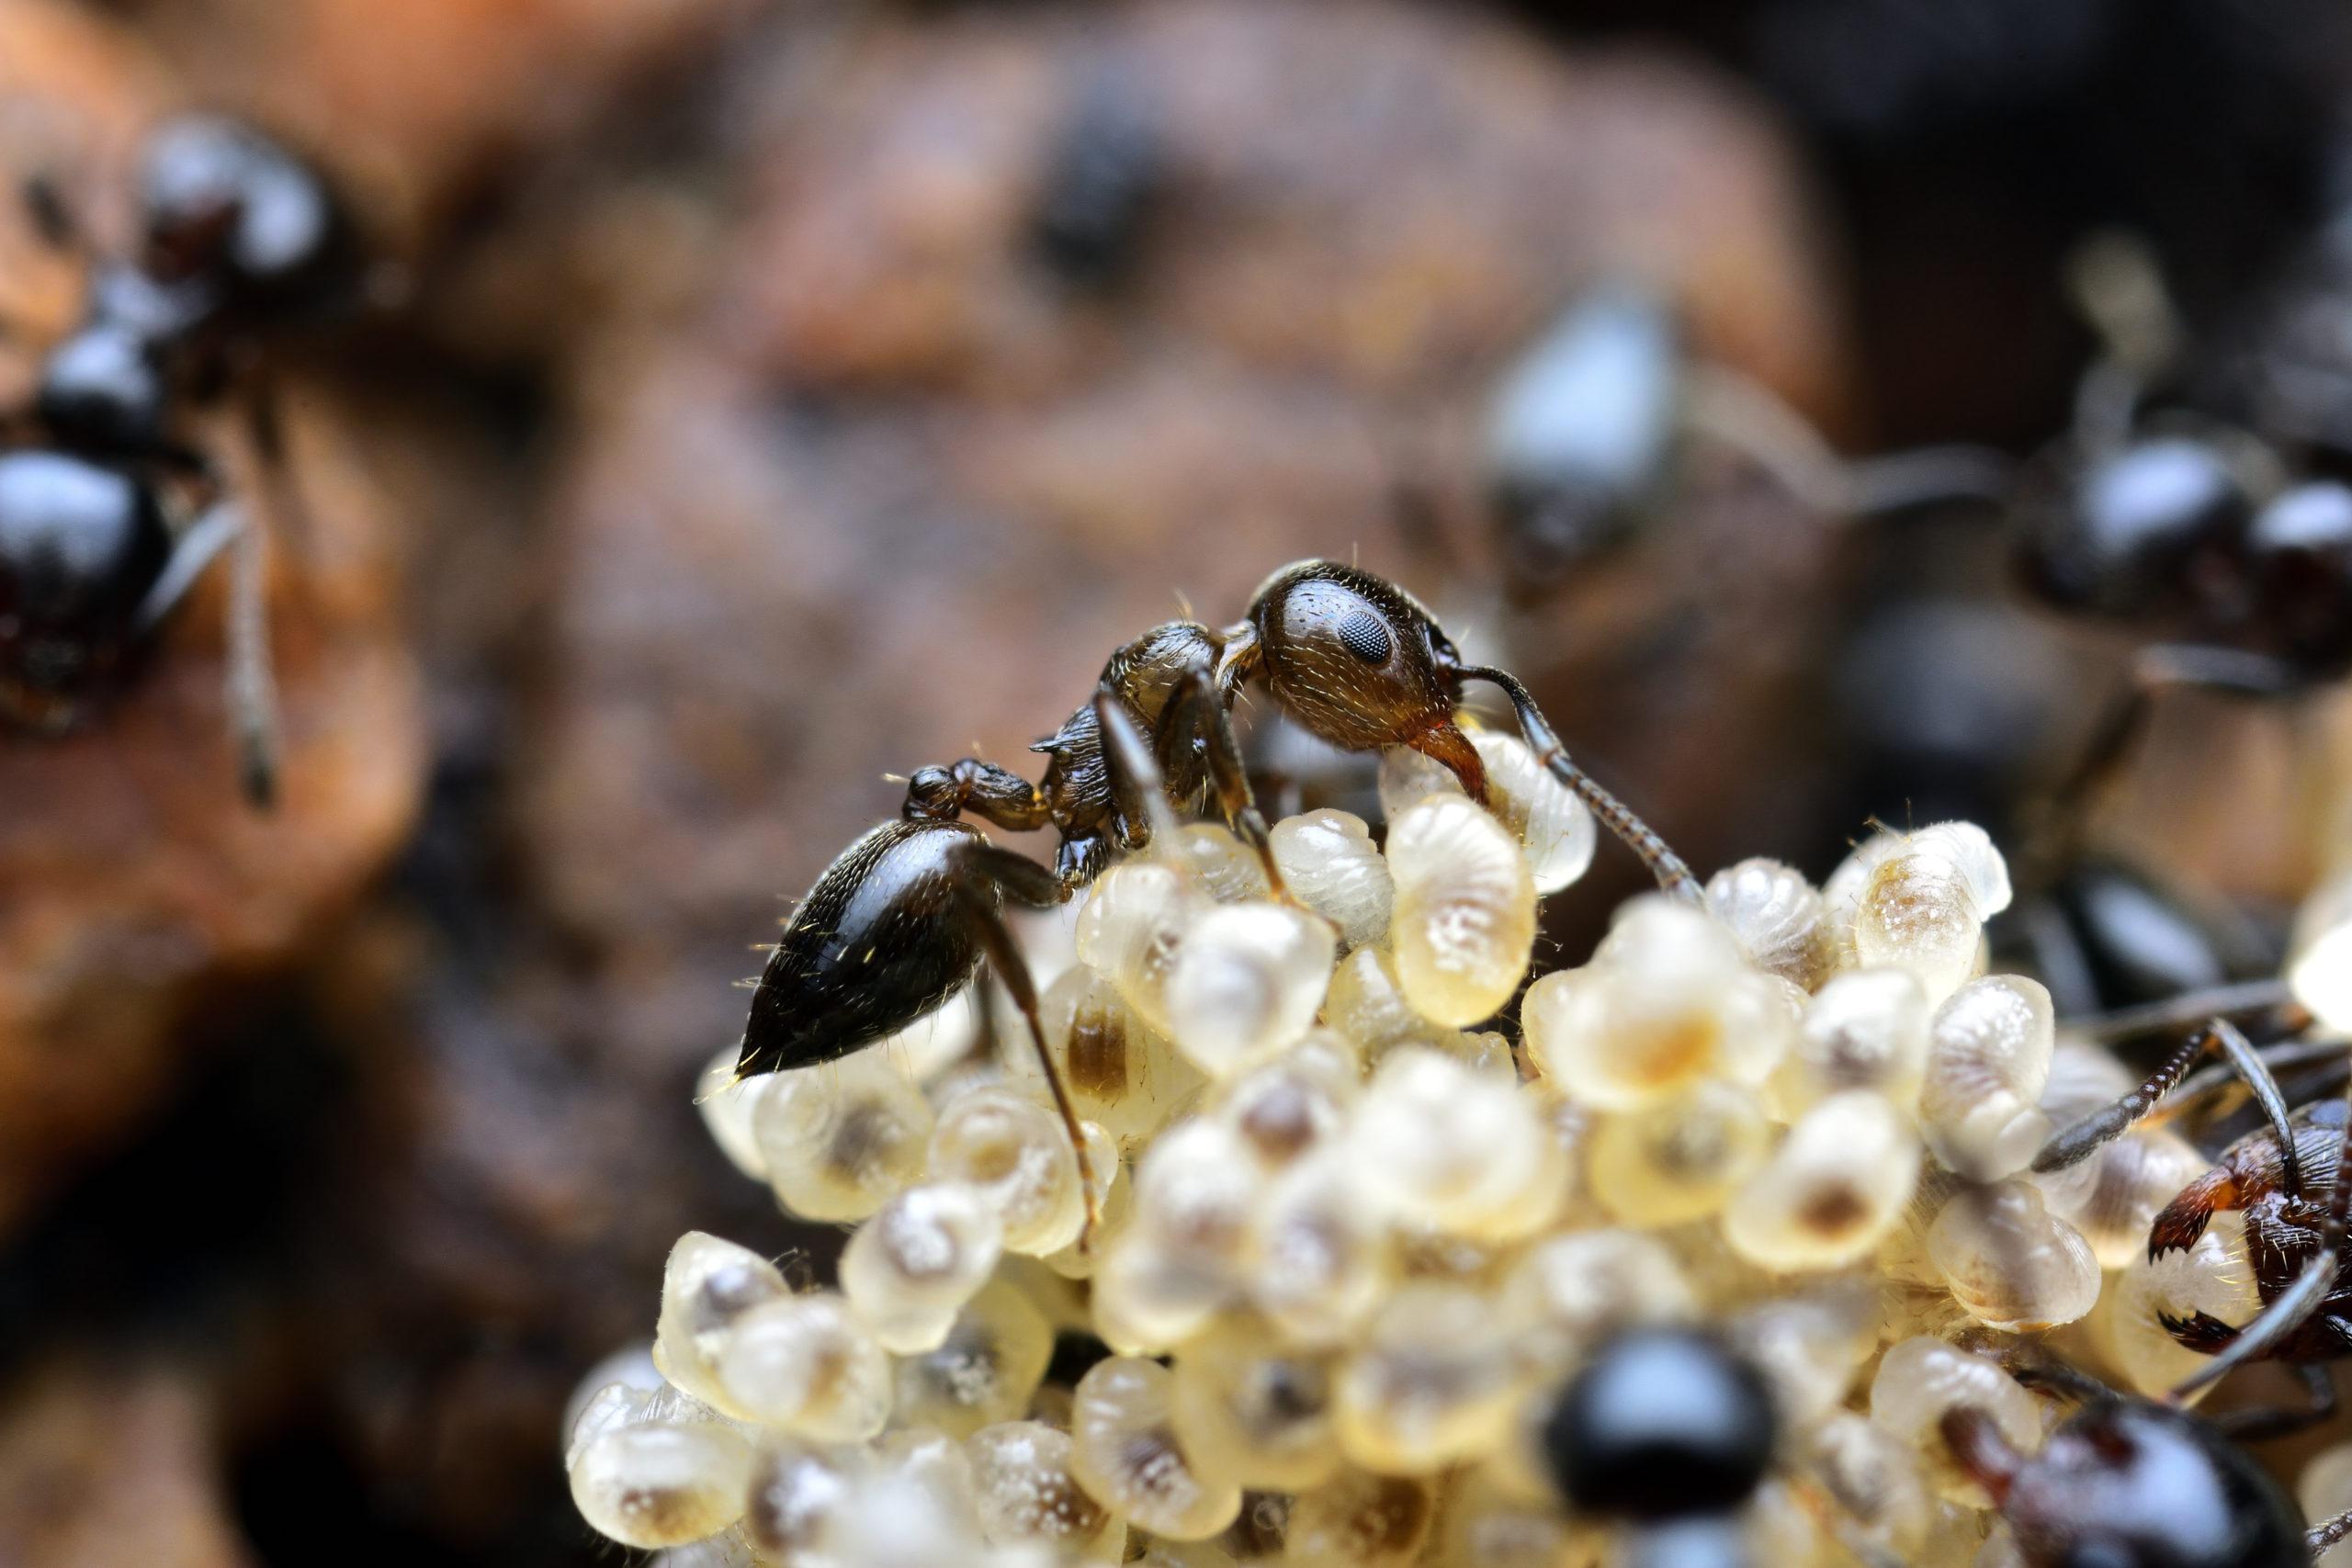 Hormigas © La Manchuela por el Clima CC BY-NC-ND 4.0